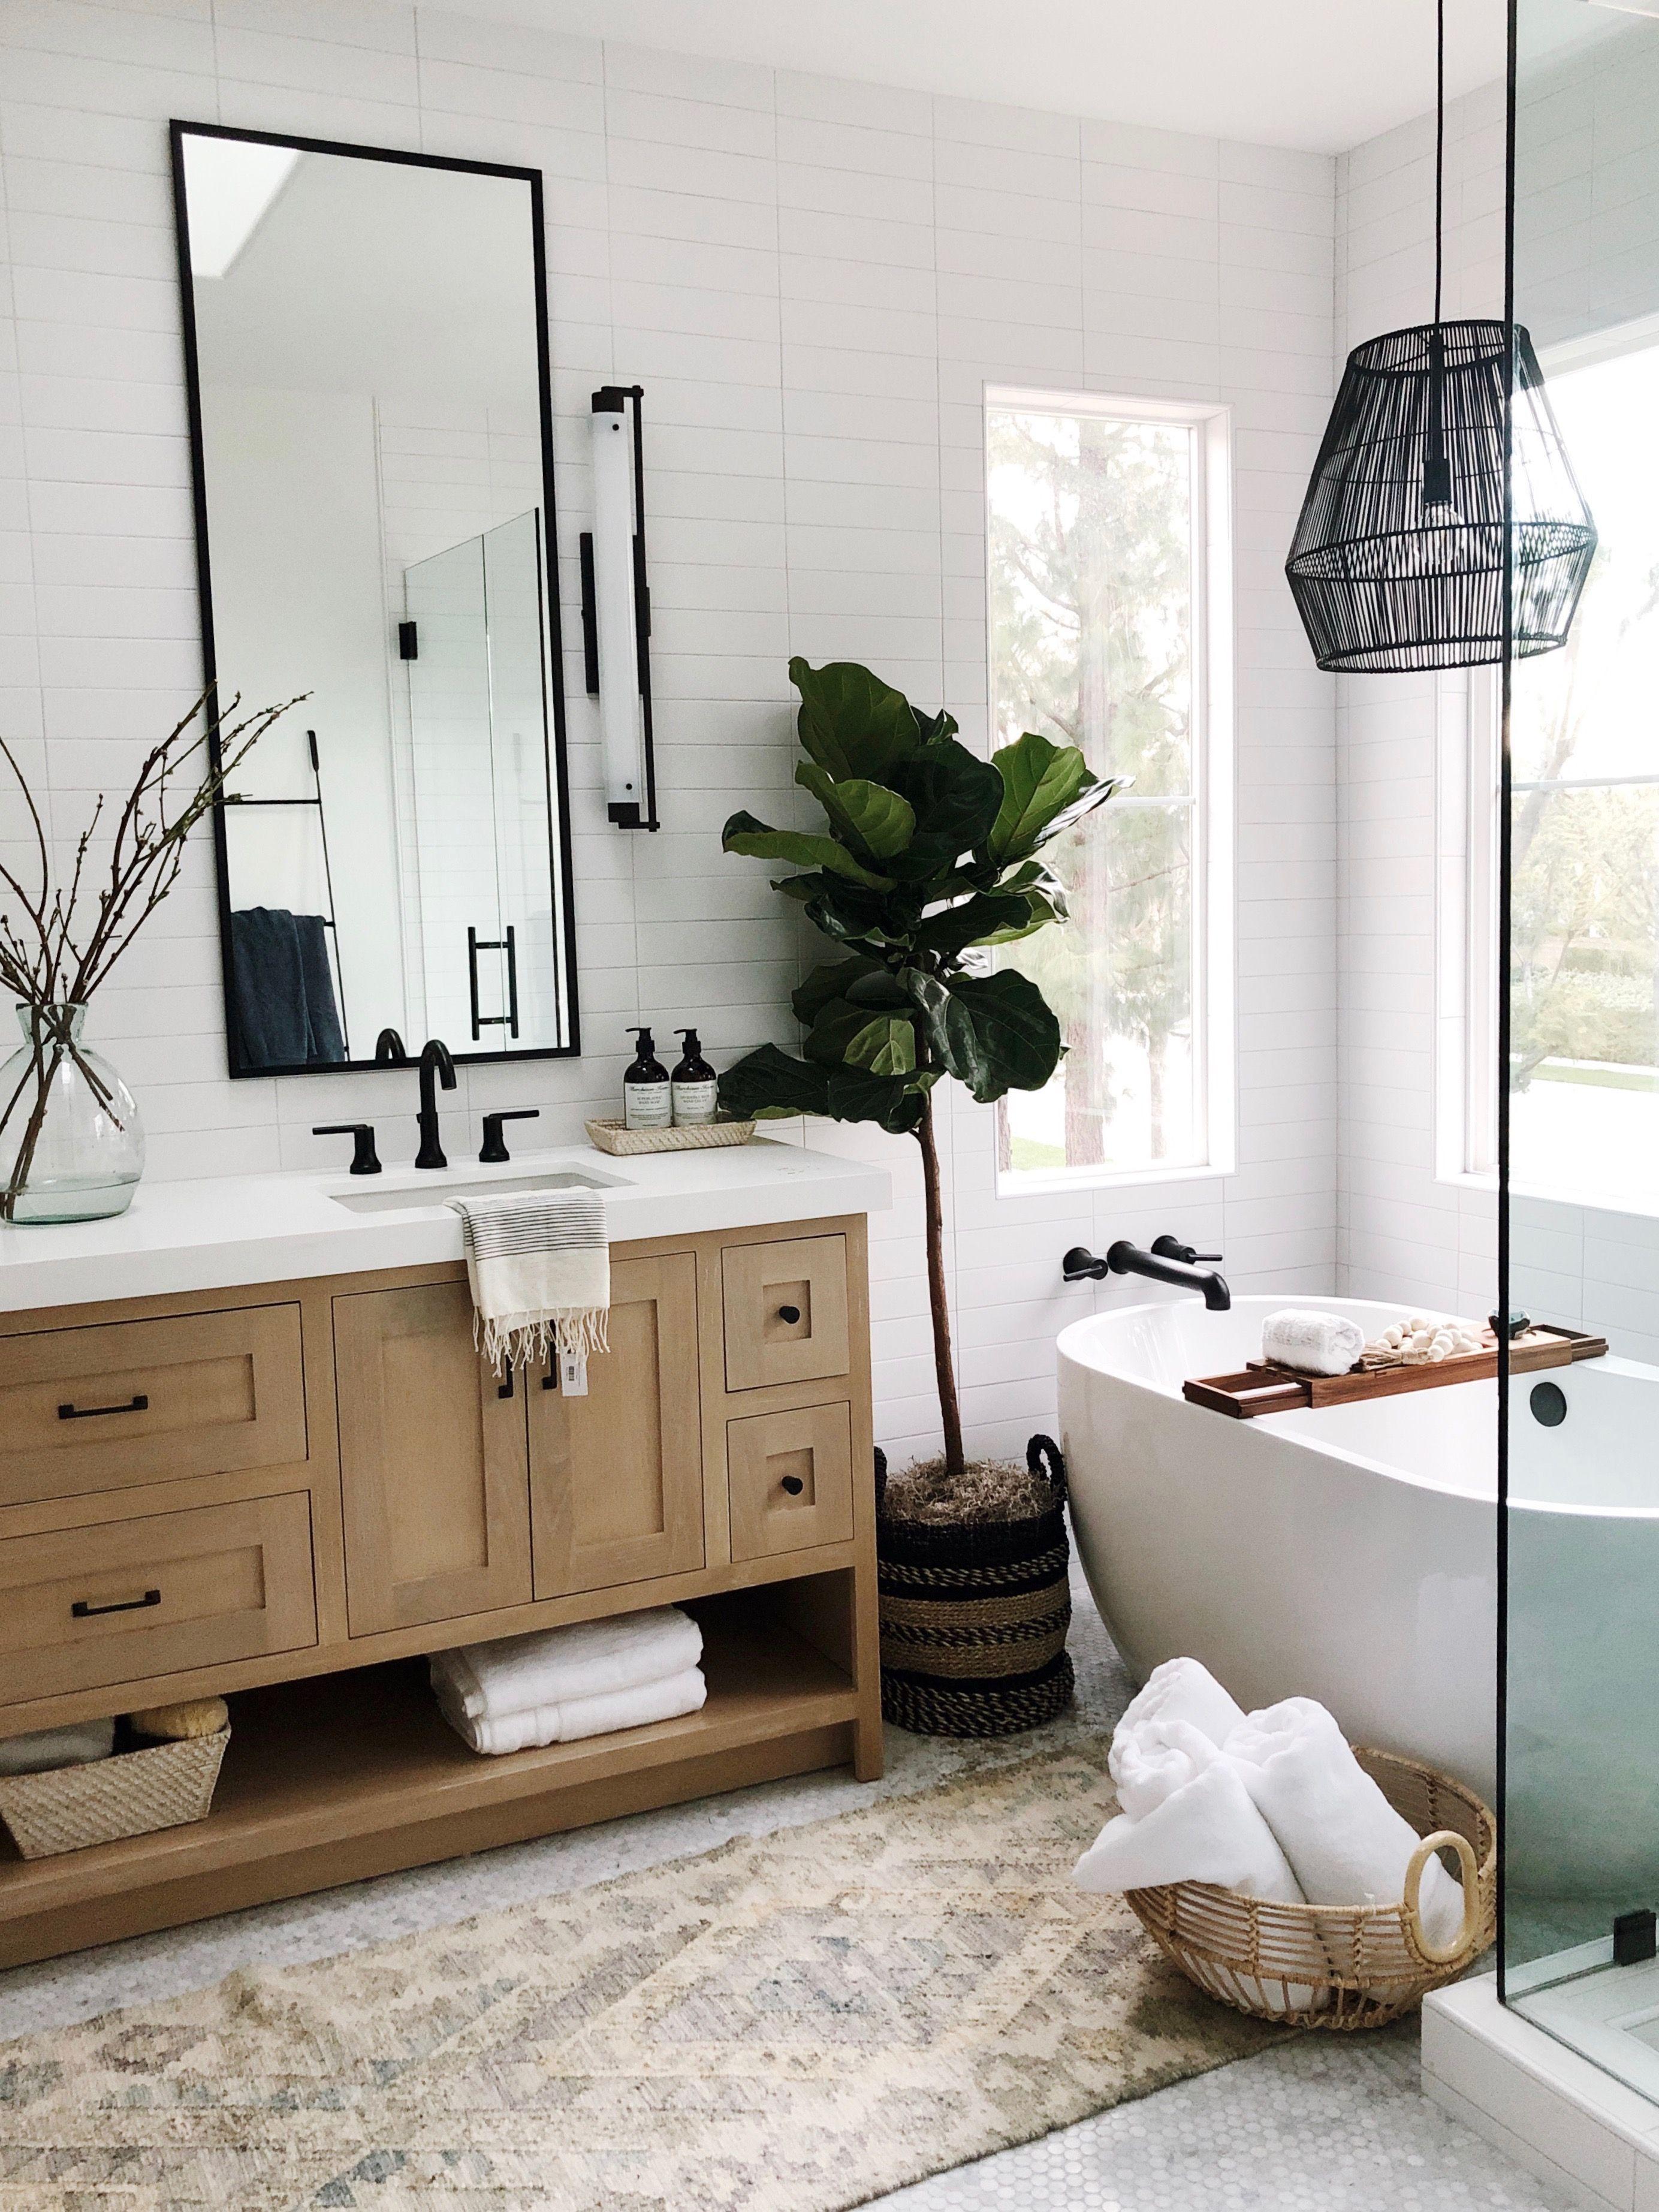 Photo of Modernes traditionelles Badezimmer mit schwarzen matten Kontrastarmaturen und marokkanischem Teppich ….